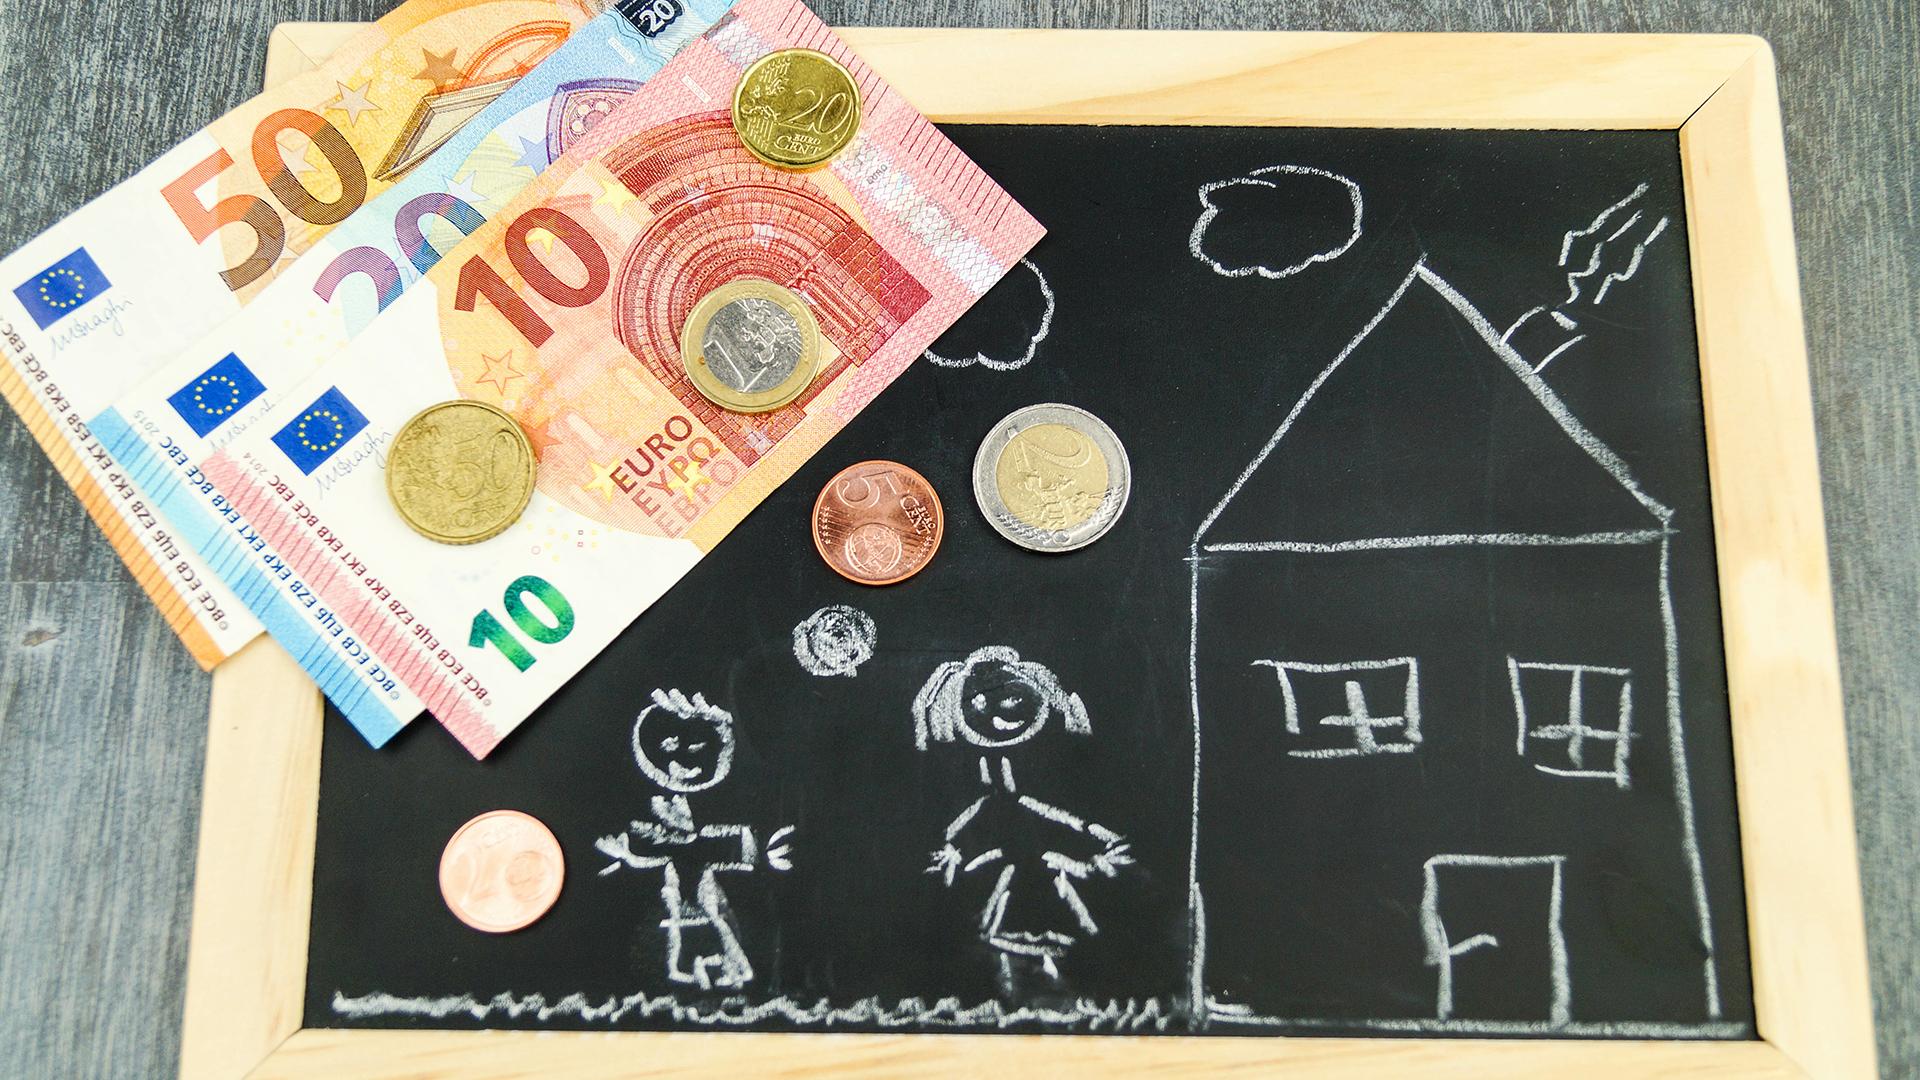 Mit Baukindergeld Zuschüssen vom Staat werden Familien die ein Eigenheim bauen oder kaufen wollen unterstützt.